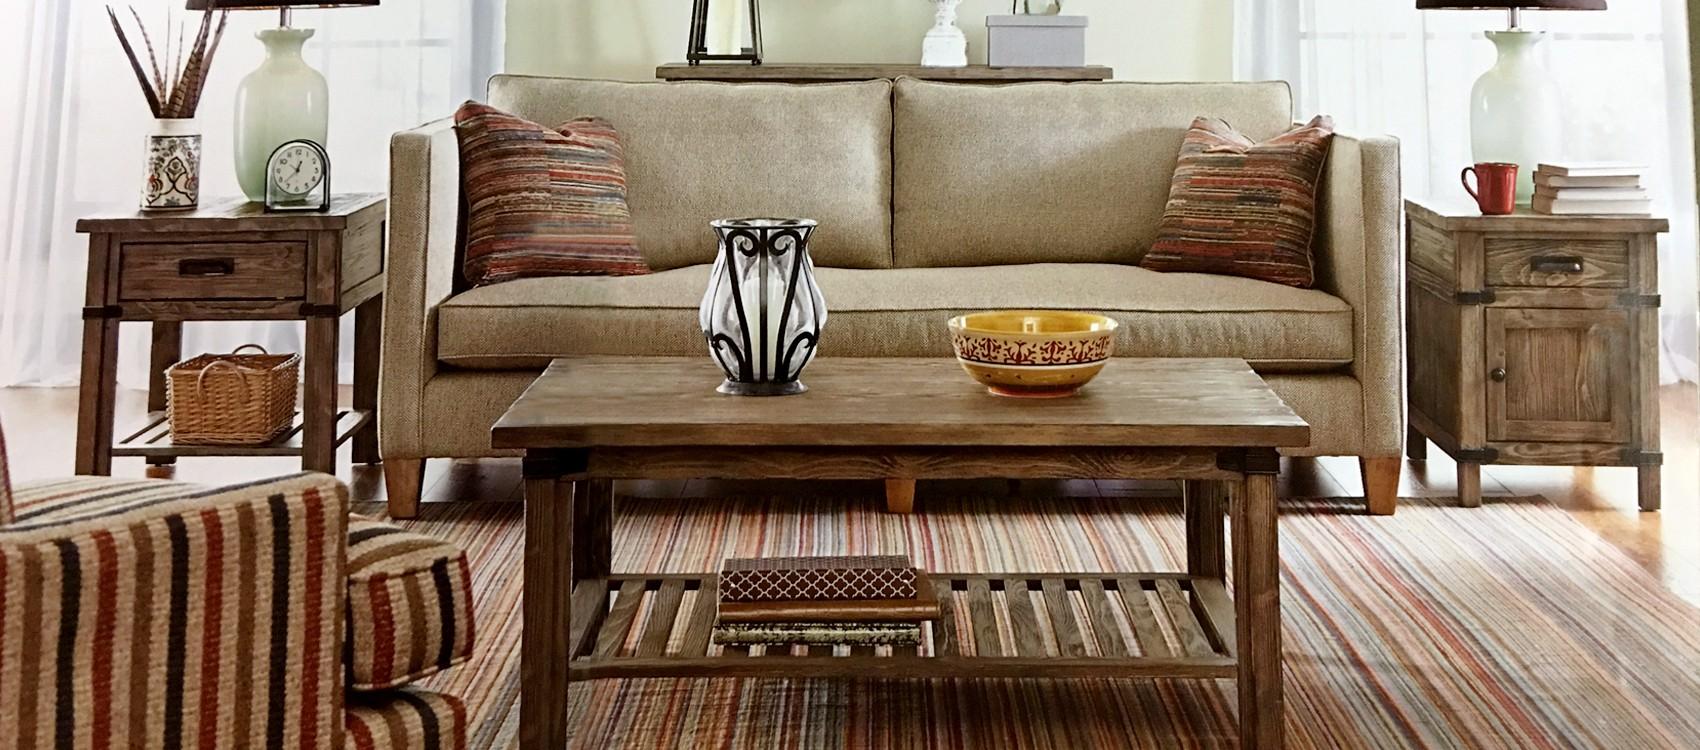 Exceptional Village Interiors U2013 Condo Furniture